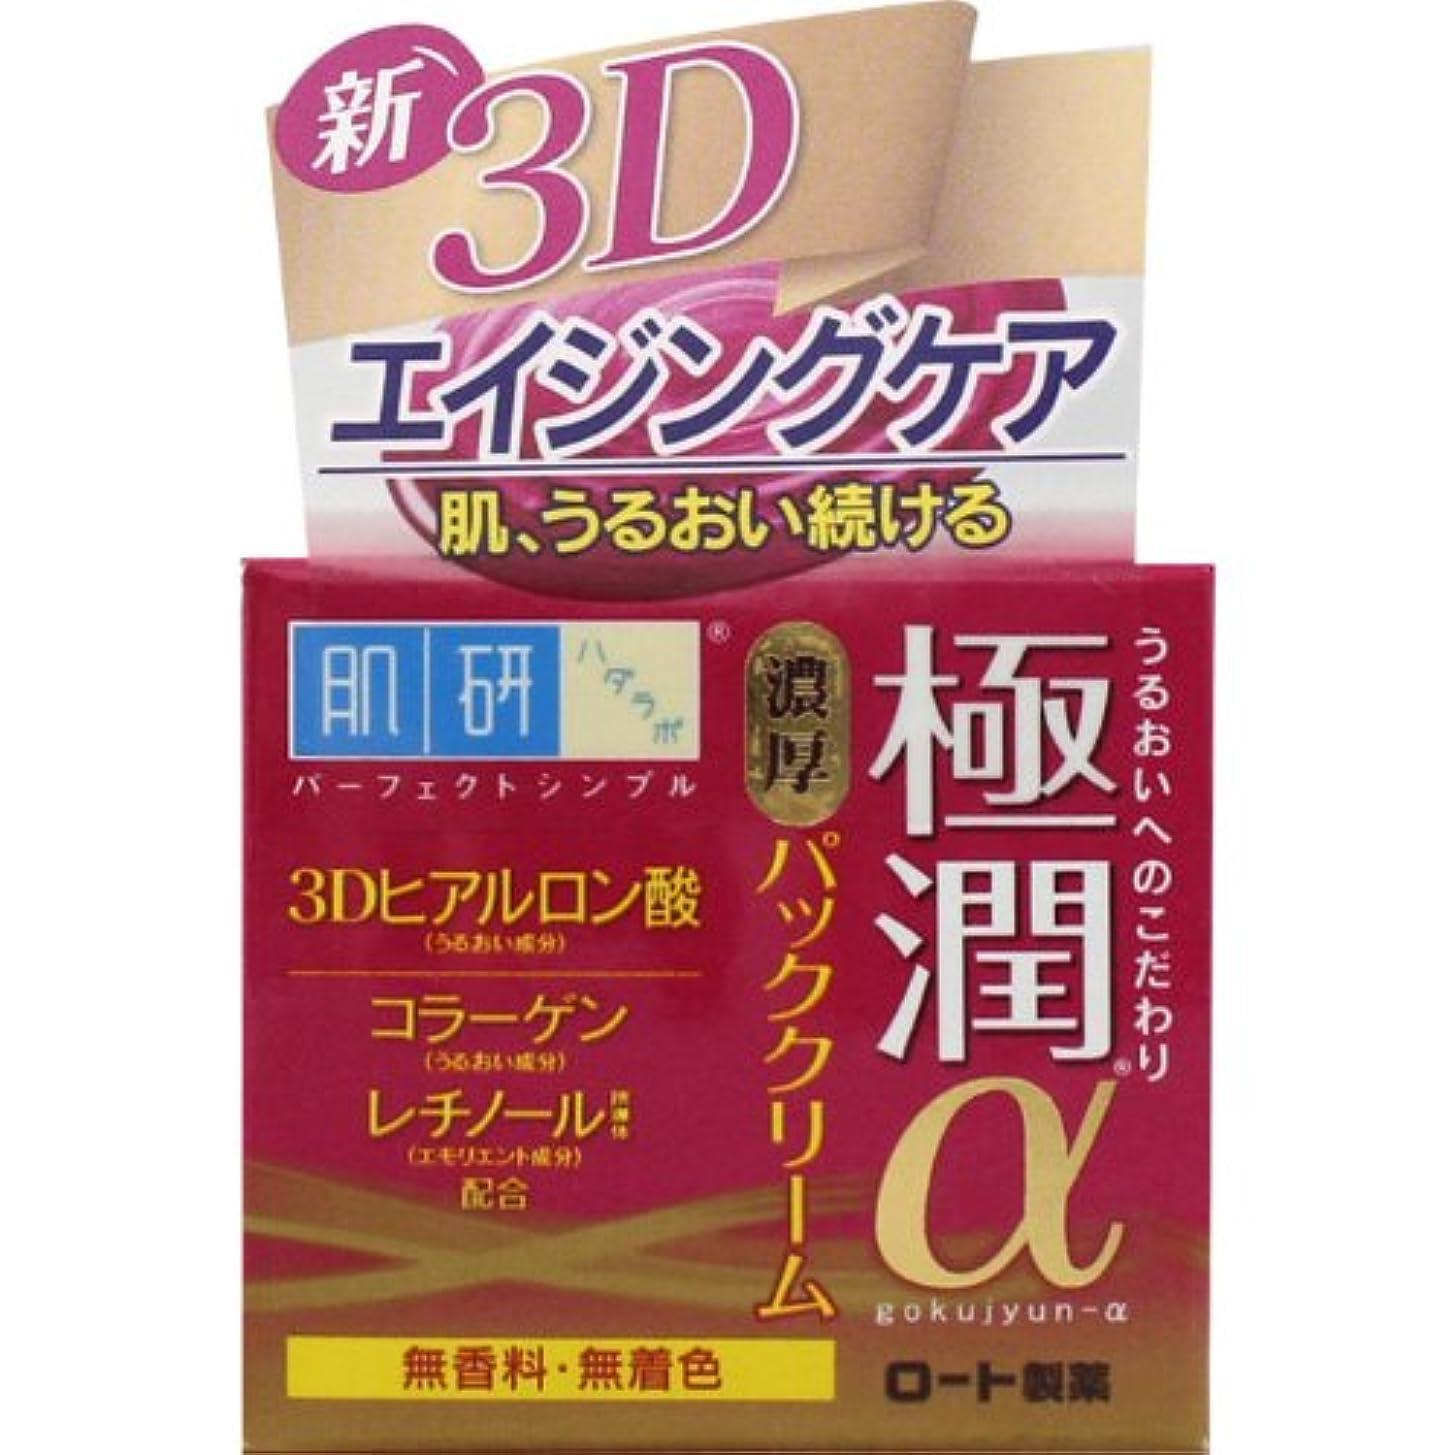 ハリウッドスクリューシート肌研(ハダラボ) 極潤 αパッククリーム 50g